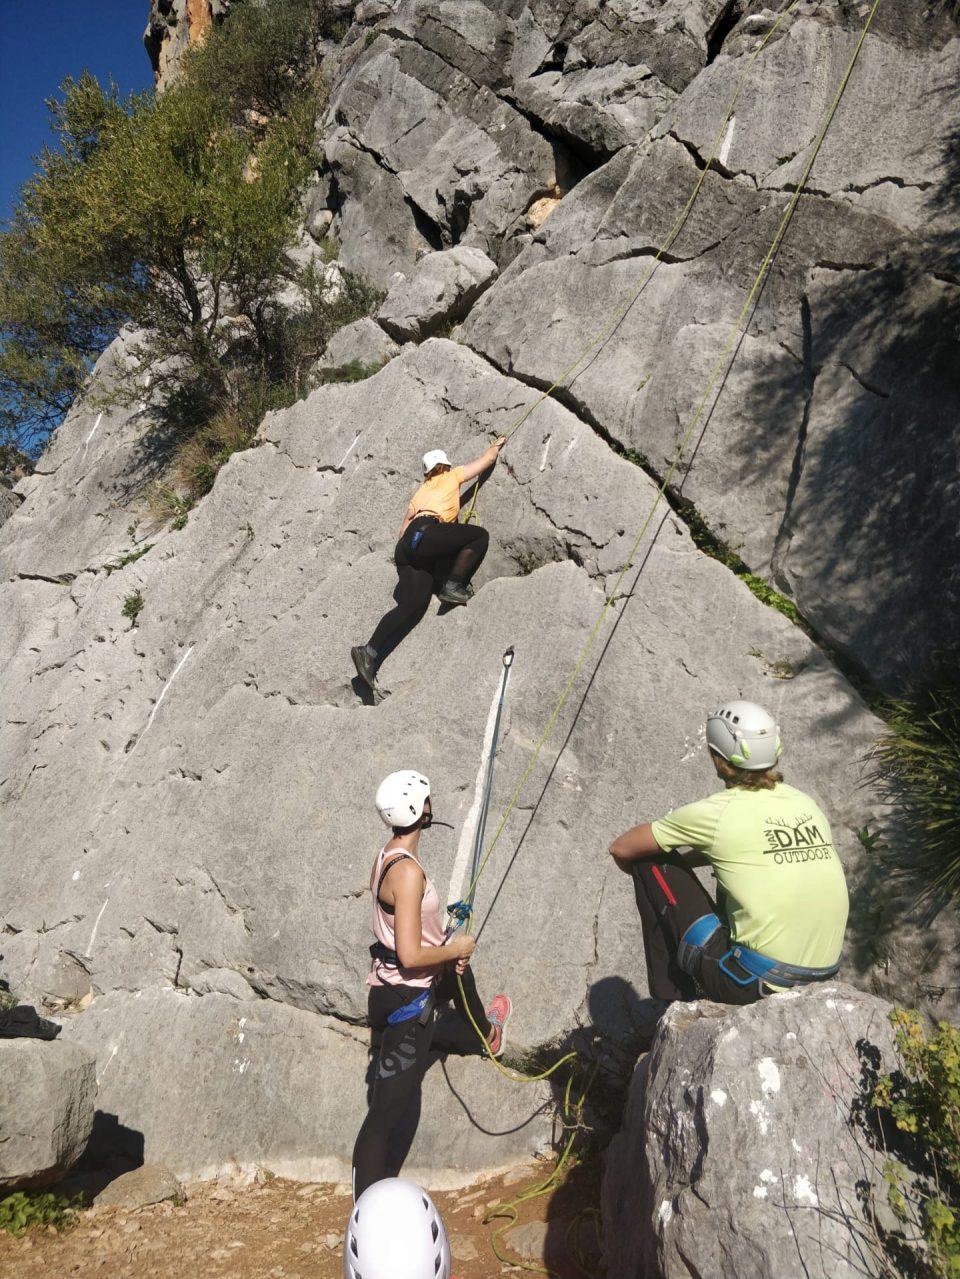 rots klimmen tijdens sport/ actieve vakanties tijdens corona in Spanje